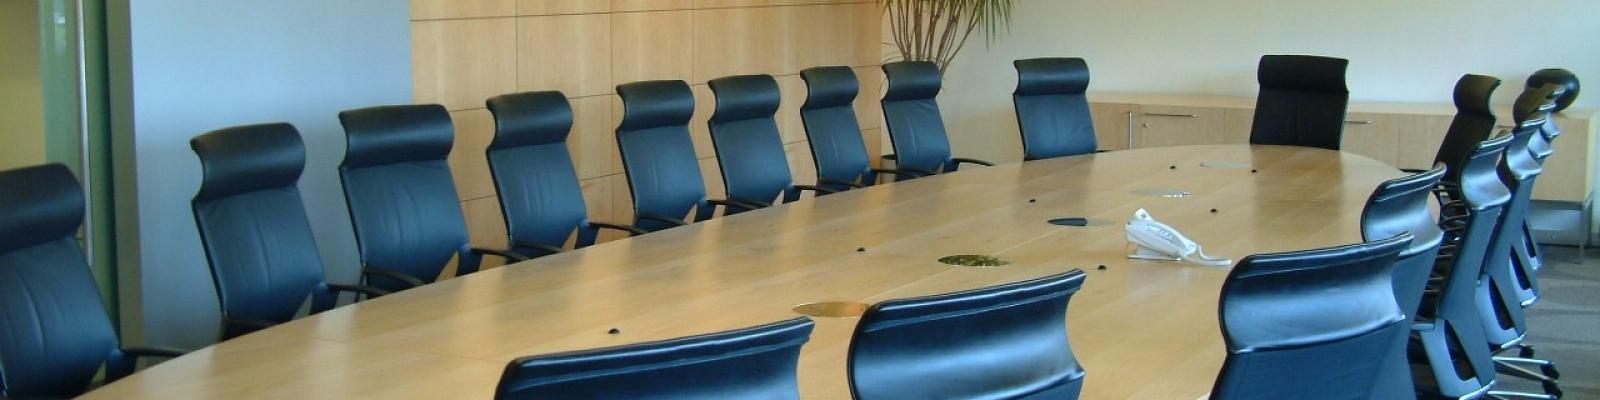 meeting-room-1480575